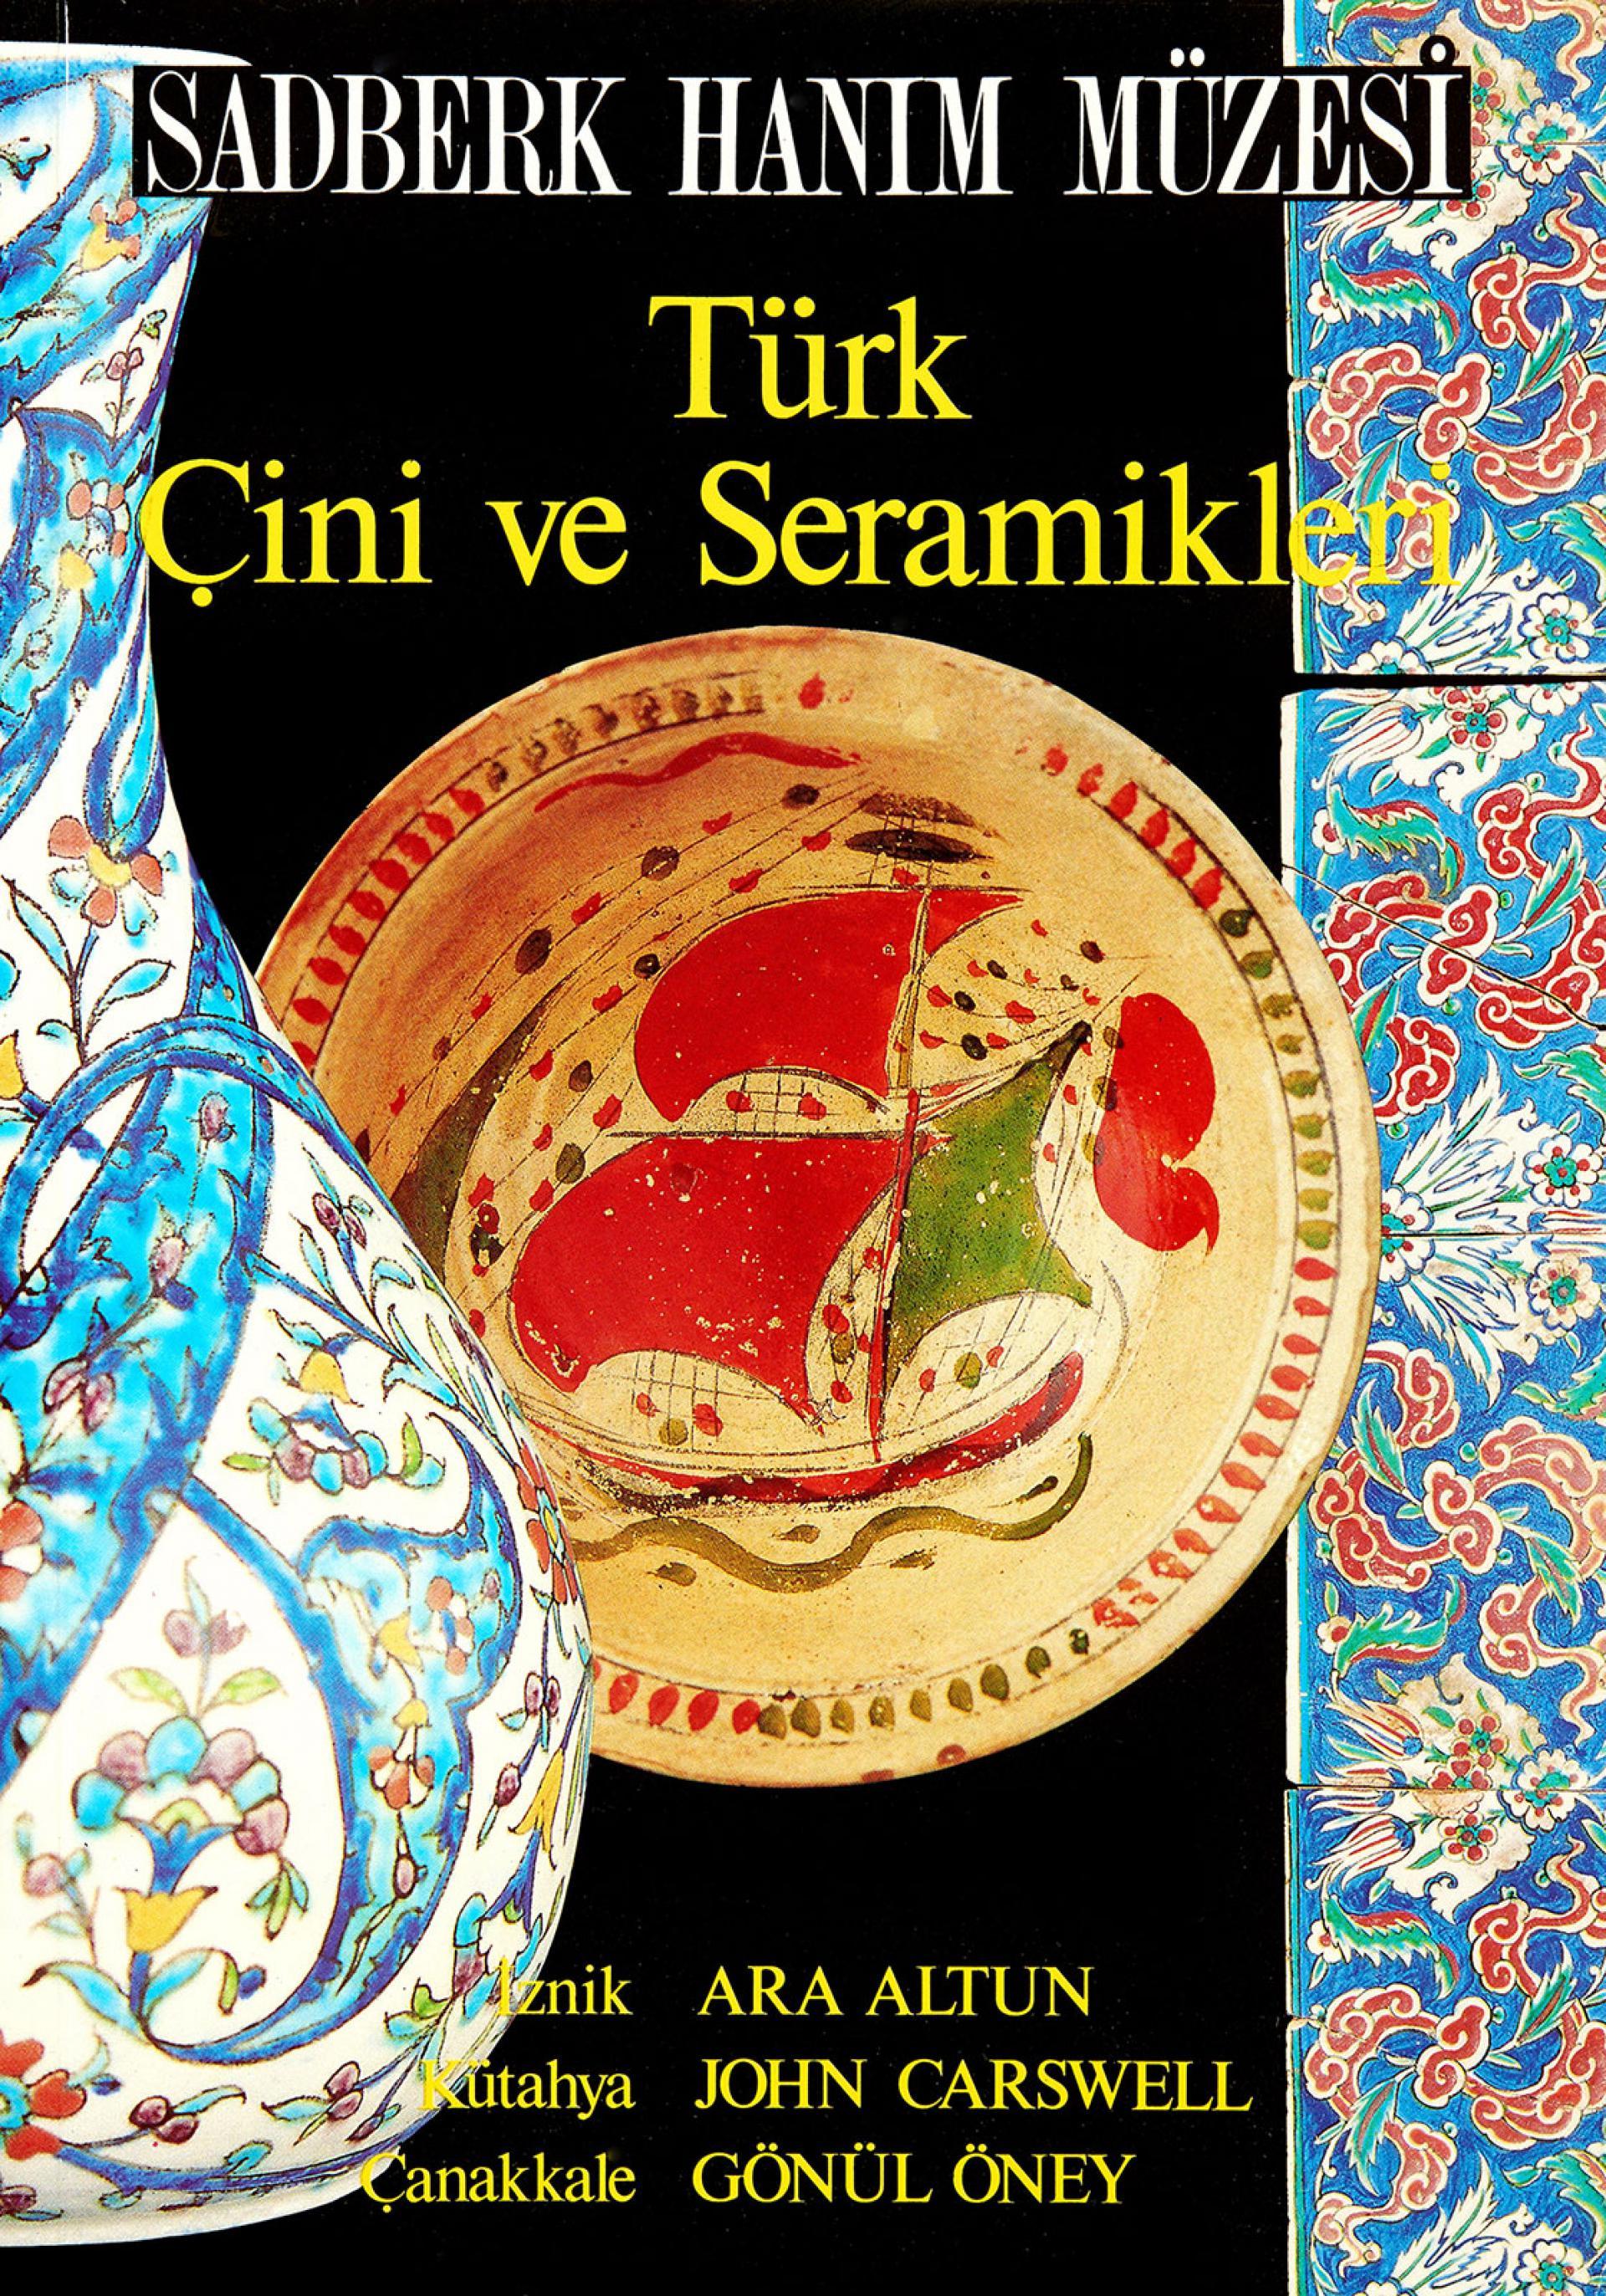 Türk Çini ve Seramikleri - KİTAPLAR - Sadberk Hanım Müzesi